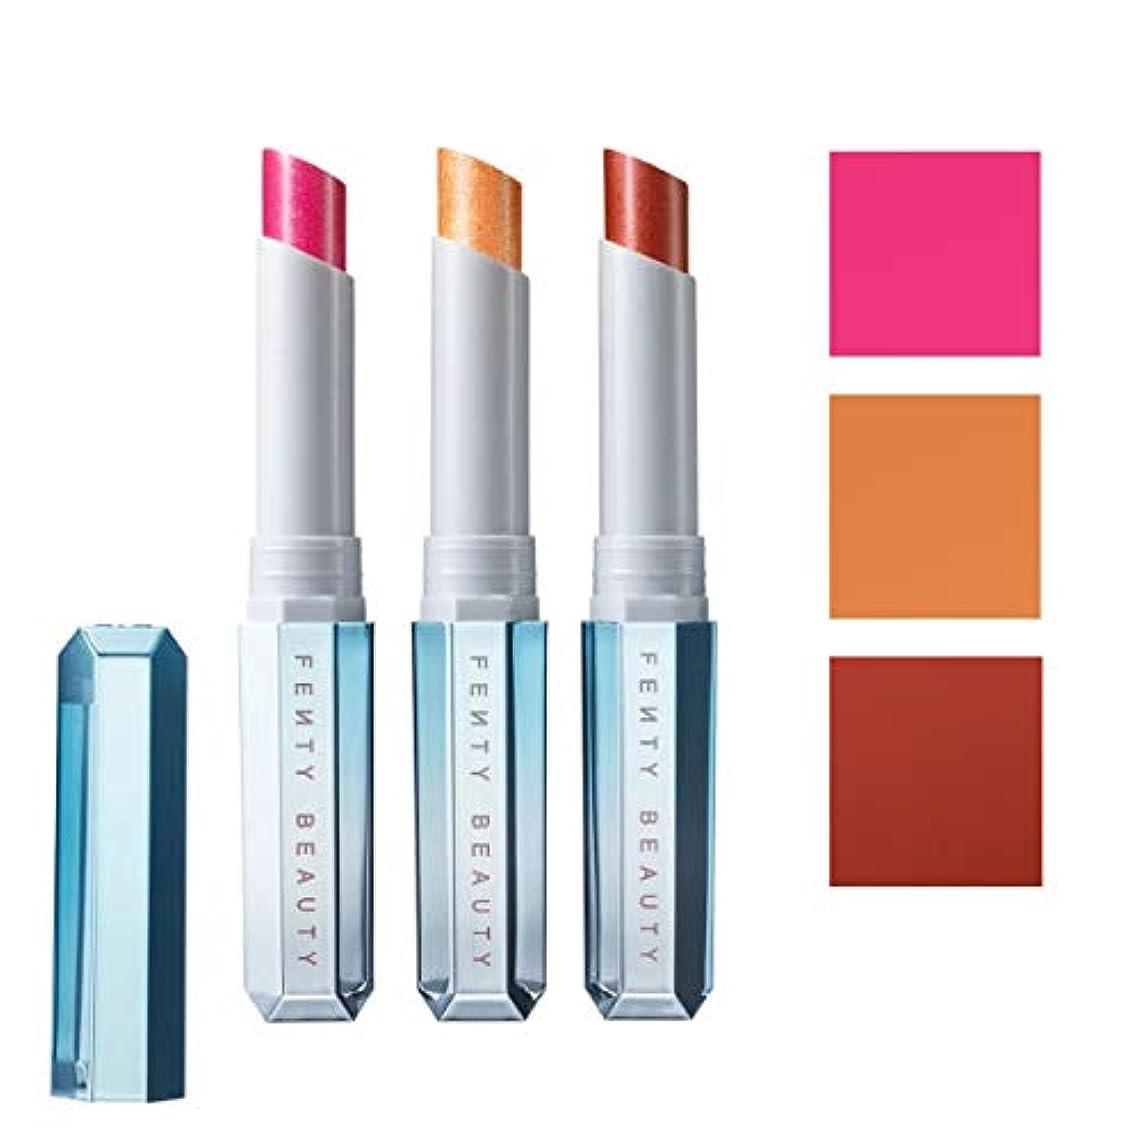 おばさんハードリングバーFENTY BEAUTY BY RIHANNA 限定版 limited-edition, Frosted Metal Lipstick 3pc Set - Snow Daze [海外直送品] [並行輸入品]